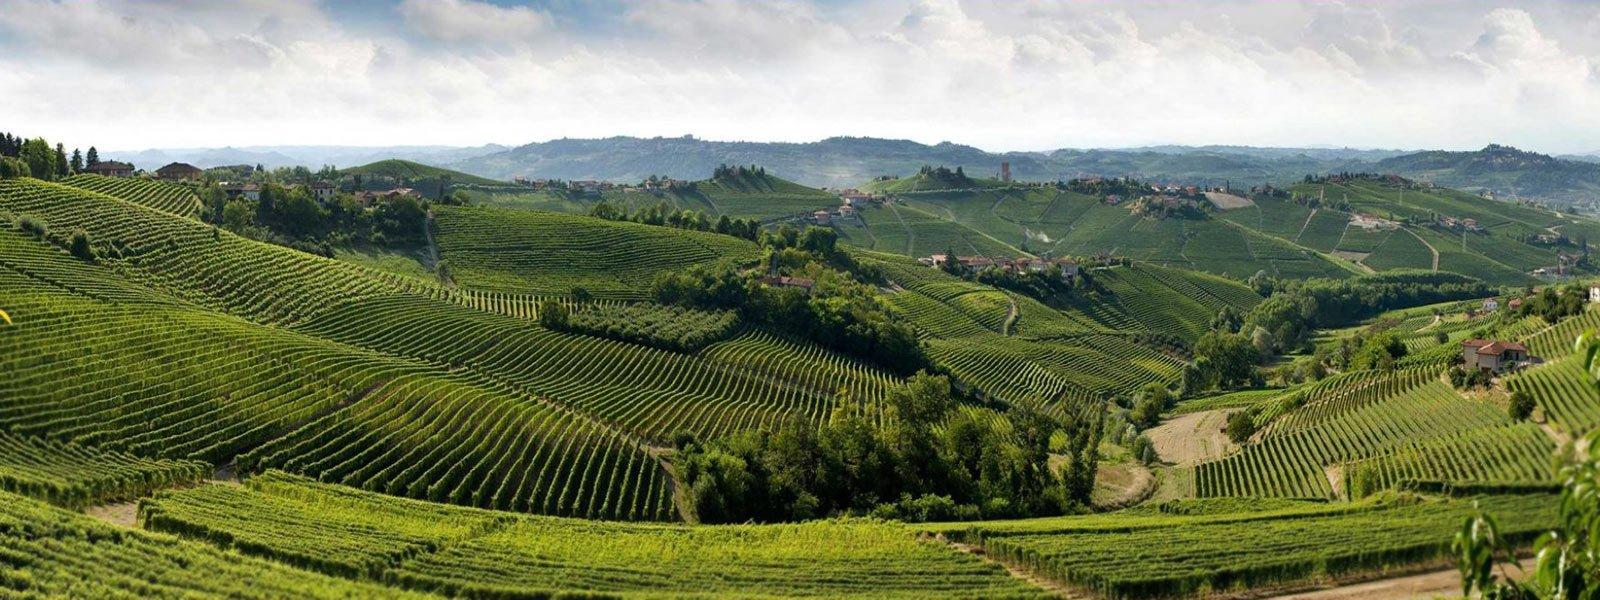 Bragas - Vendita e distribuzione GPL nelle province di Torino, Asti e Cuneo